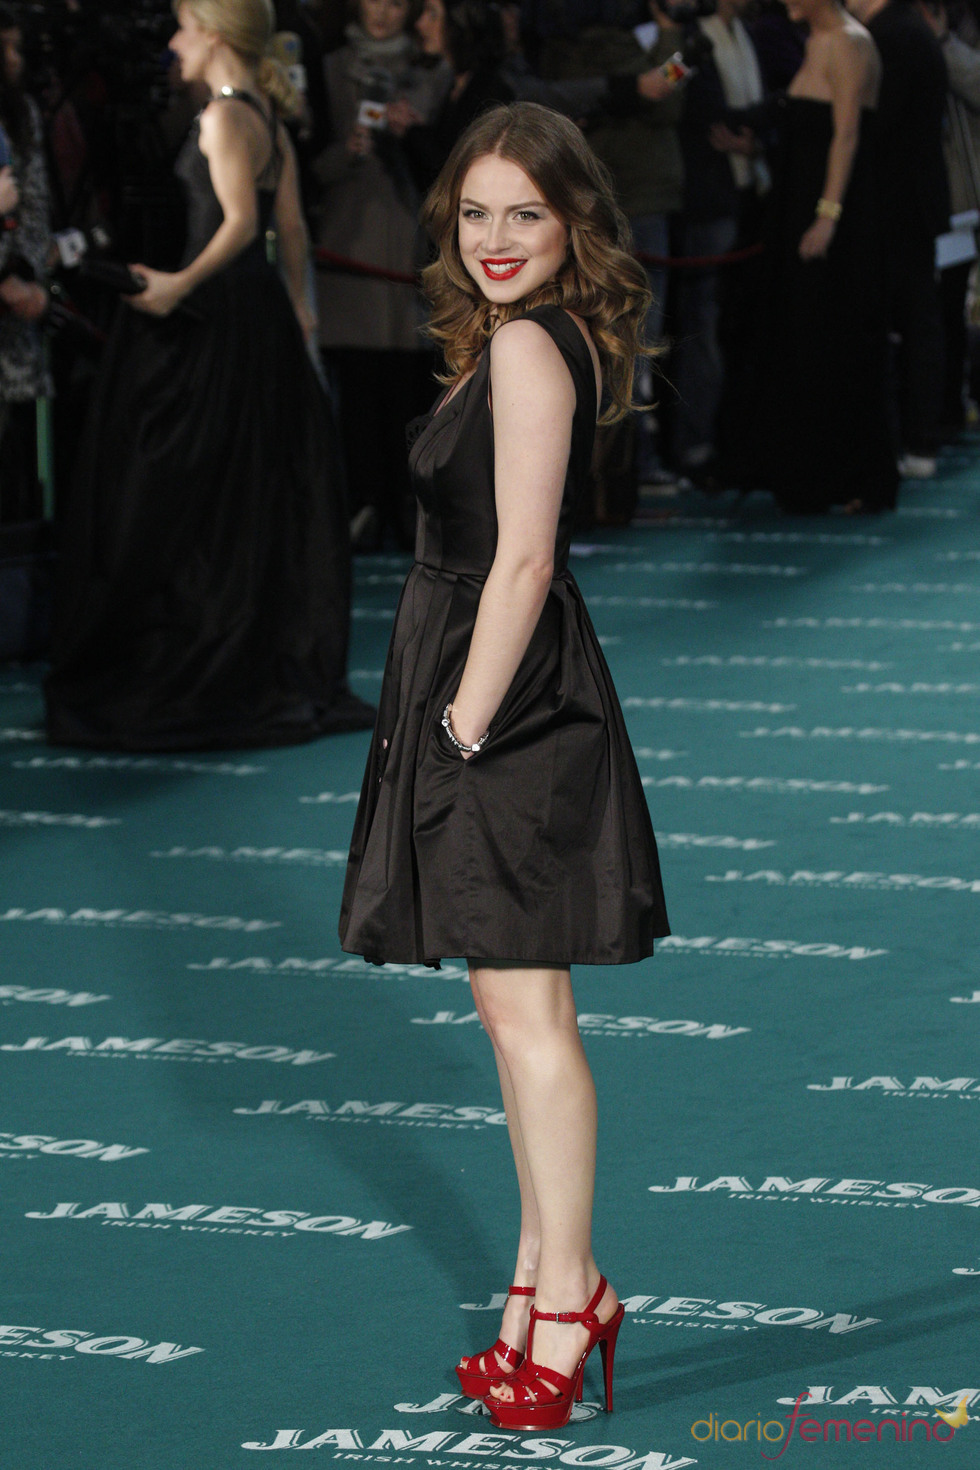 Carla Nieto en los premios Goya 2010